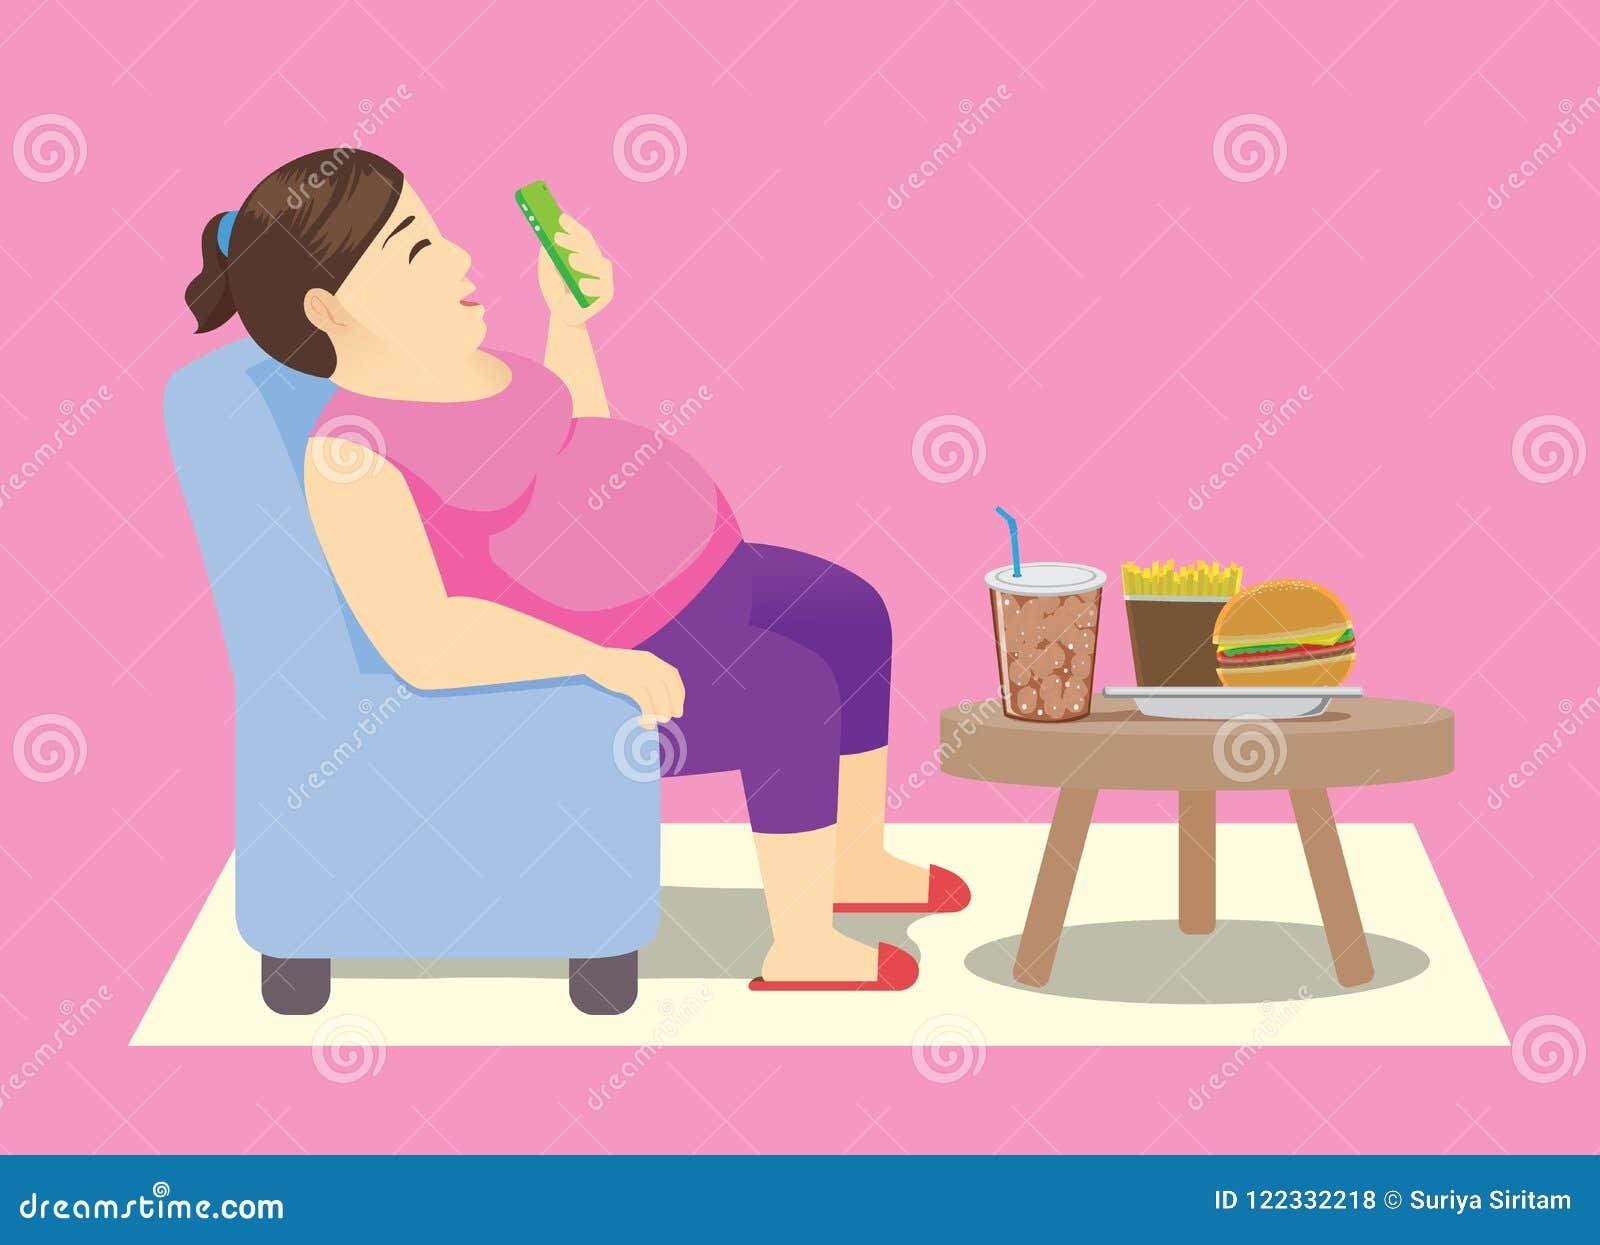 Und FrauDie Smartphone Einem Einem Auf Stuhl Fette 54qLSc3jAR